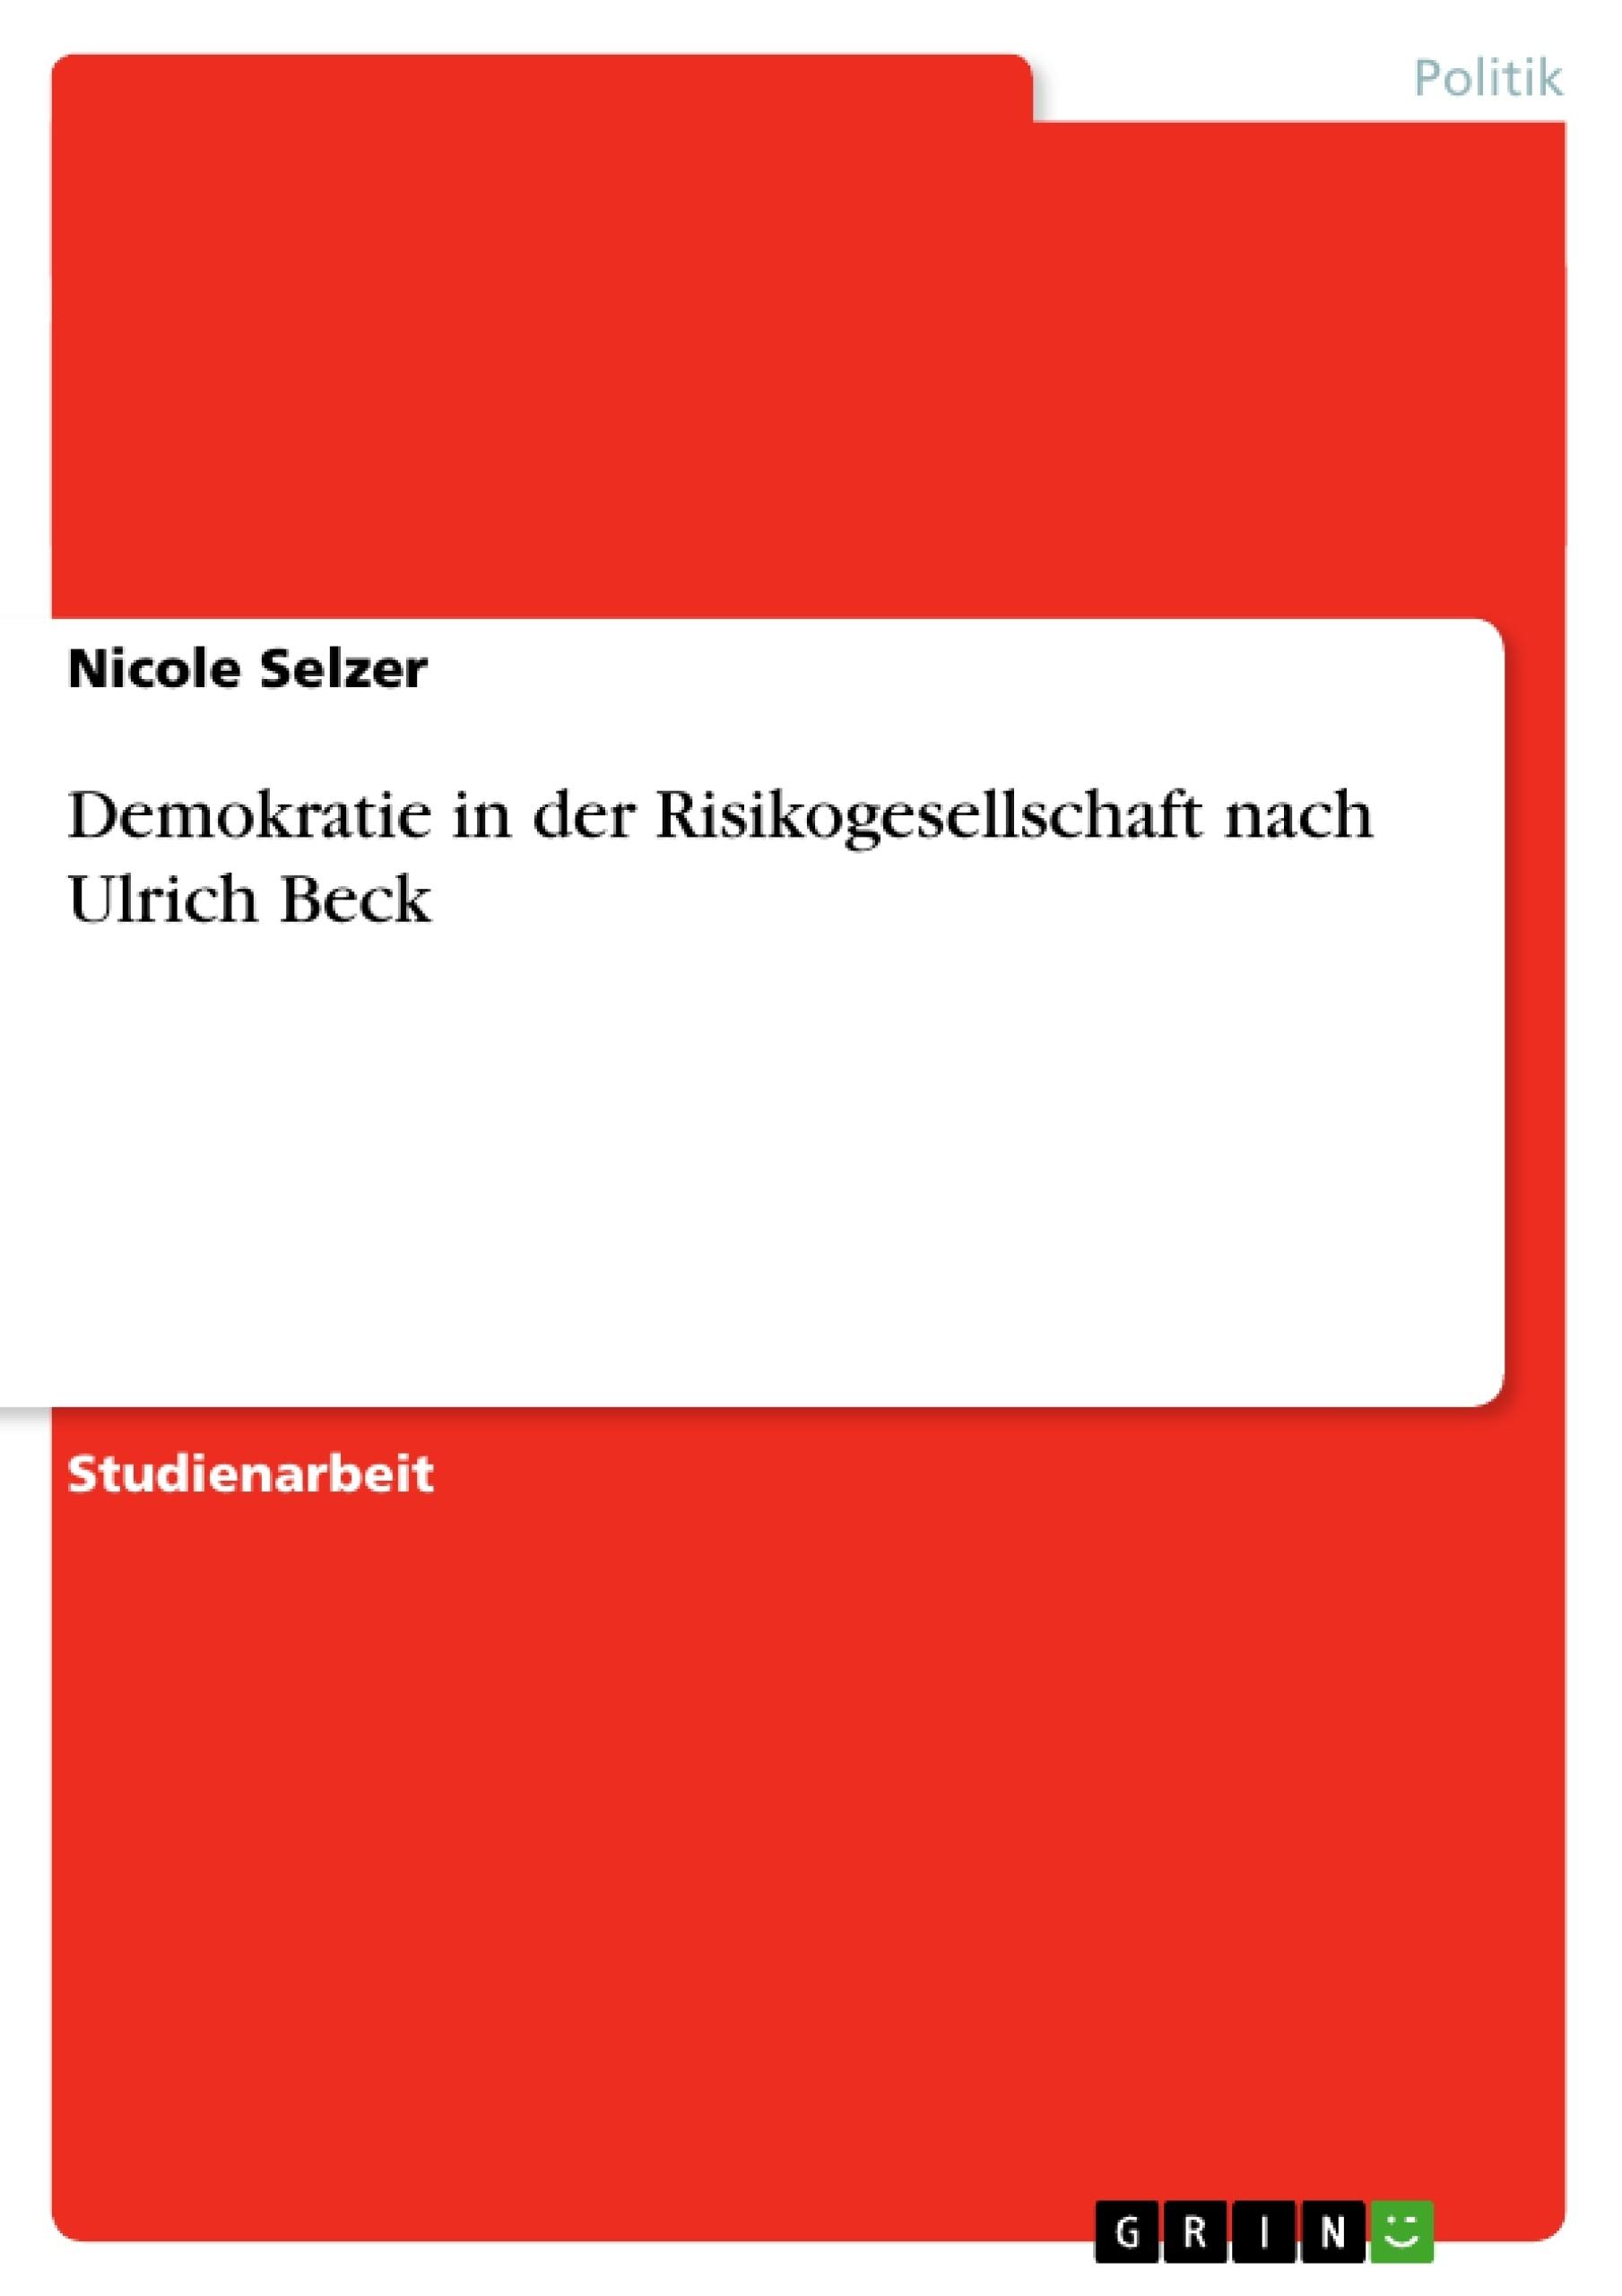 Titel: Demokratie in der Risikogesellschaft nach Ulrich Beck